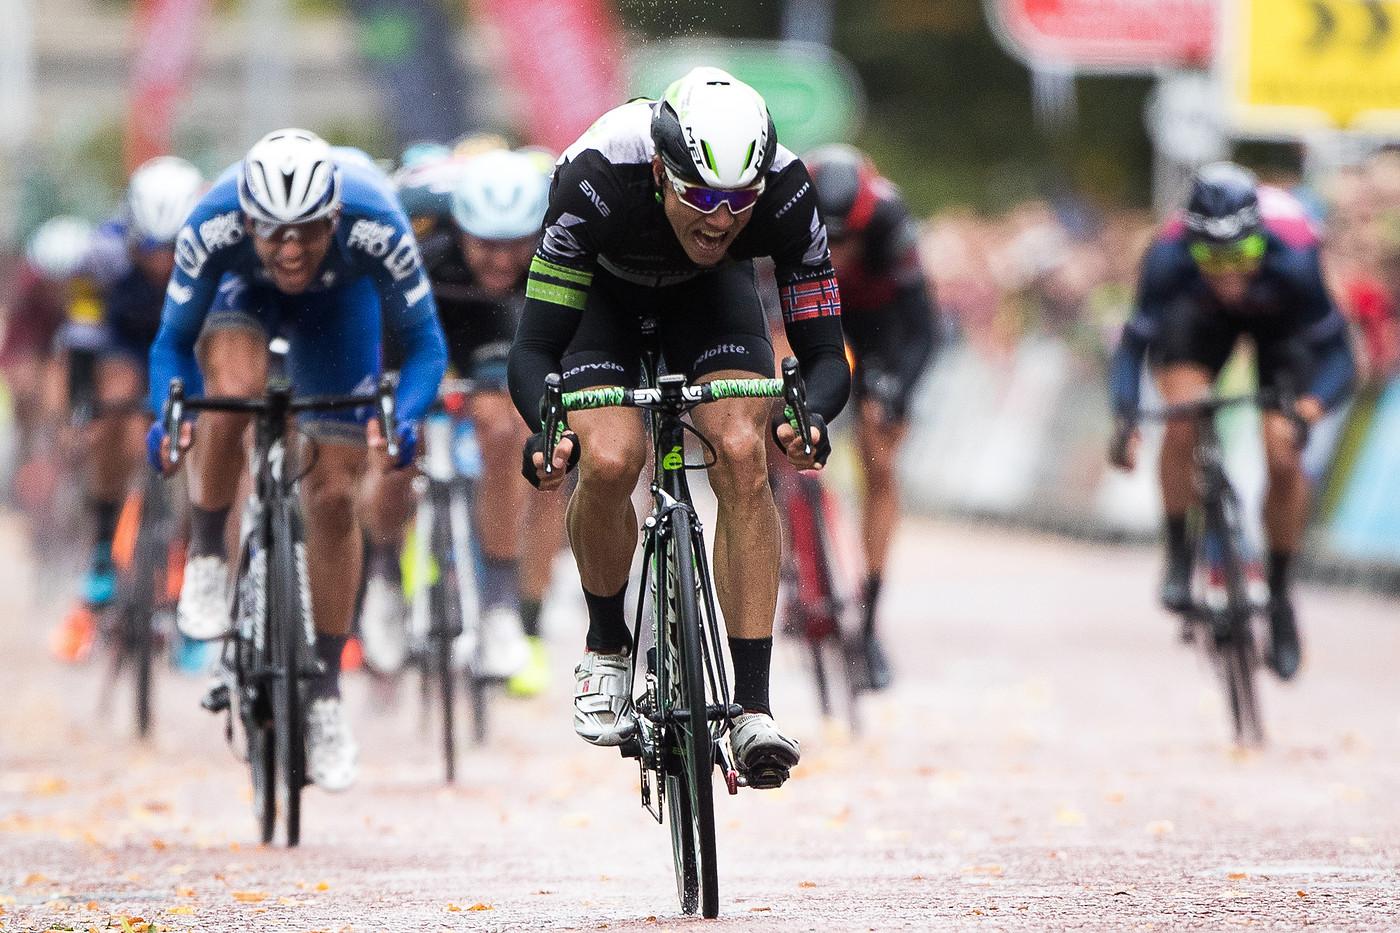 Boassen Hagen Stage 8 winner OVO Tour of Britain 2017